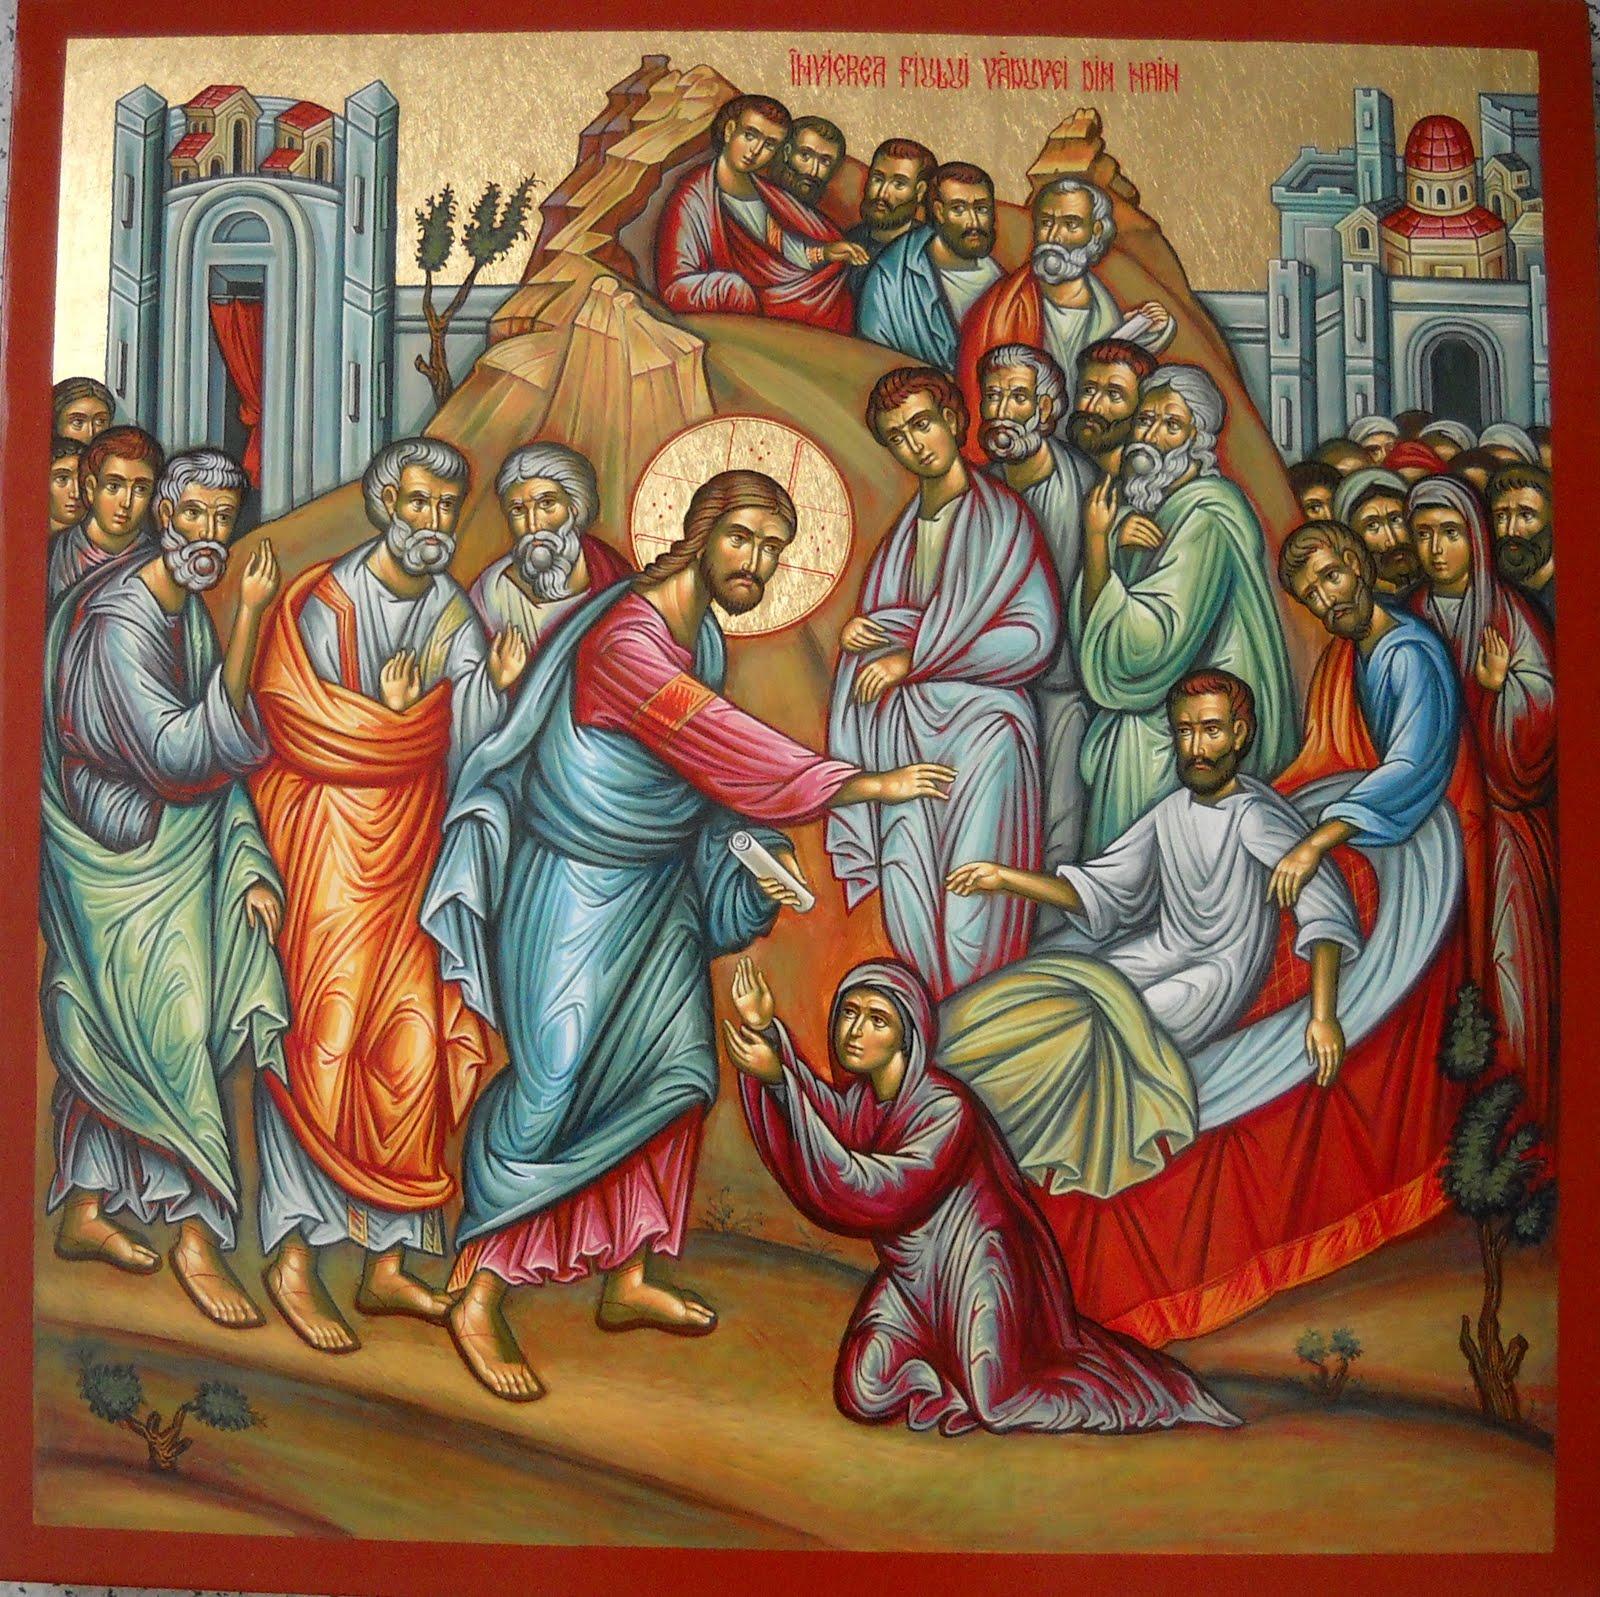 Invierea Fiului V. Nain